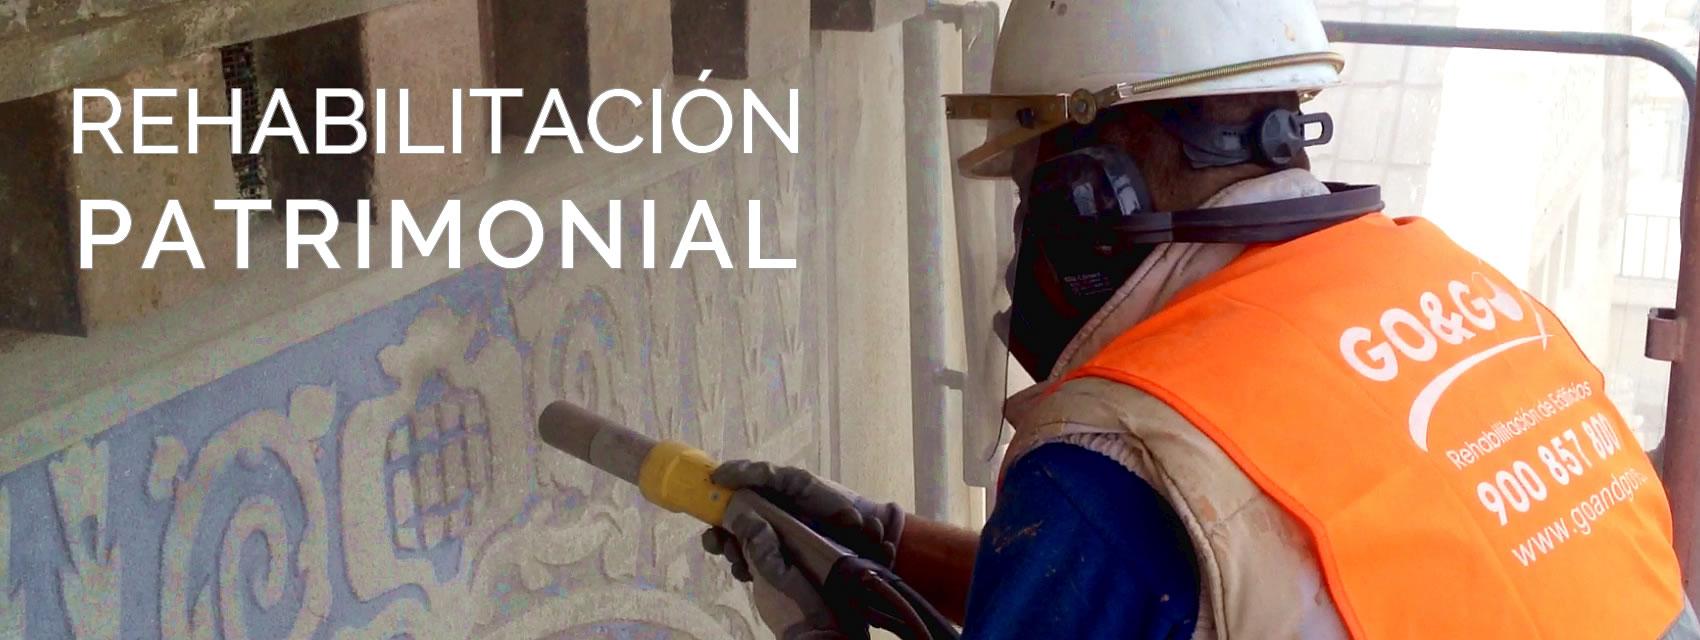 Rehabilitación de Patrimonio